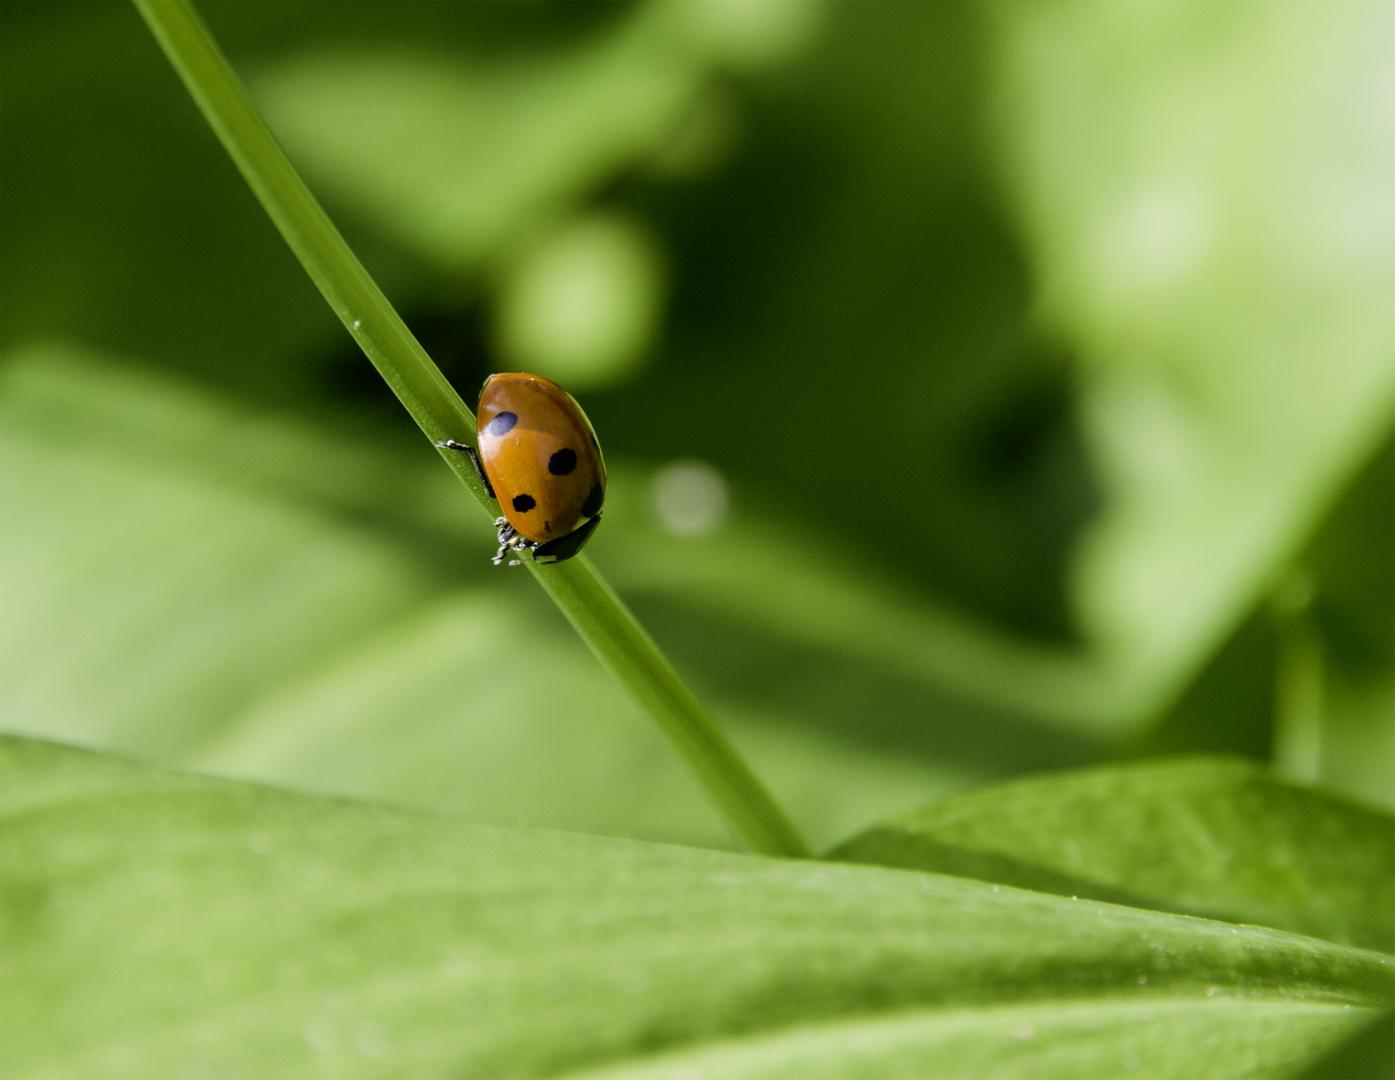 Ladybird on Green